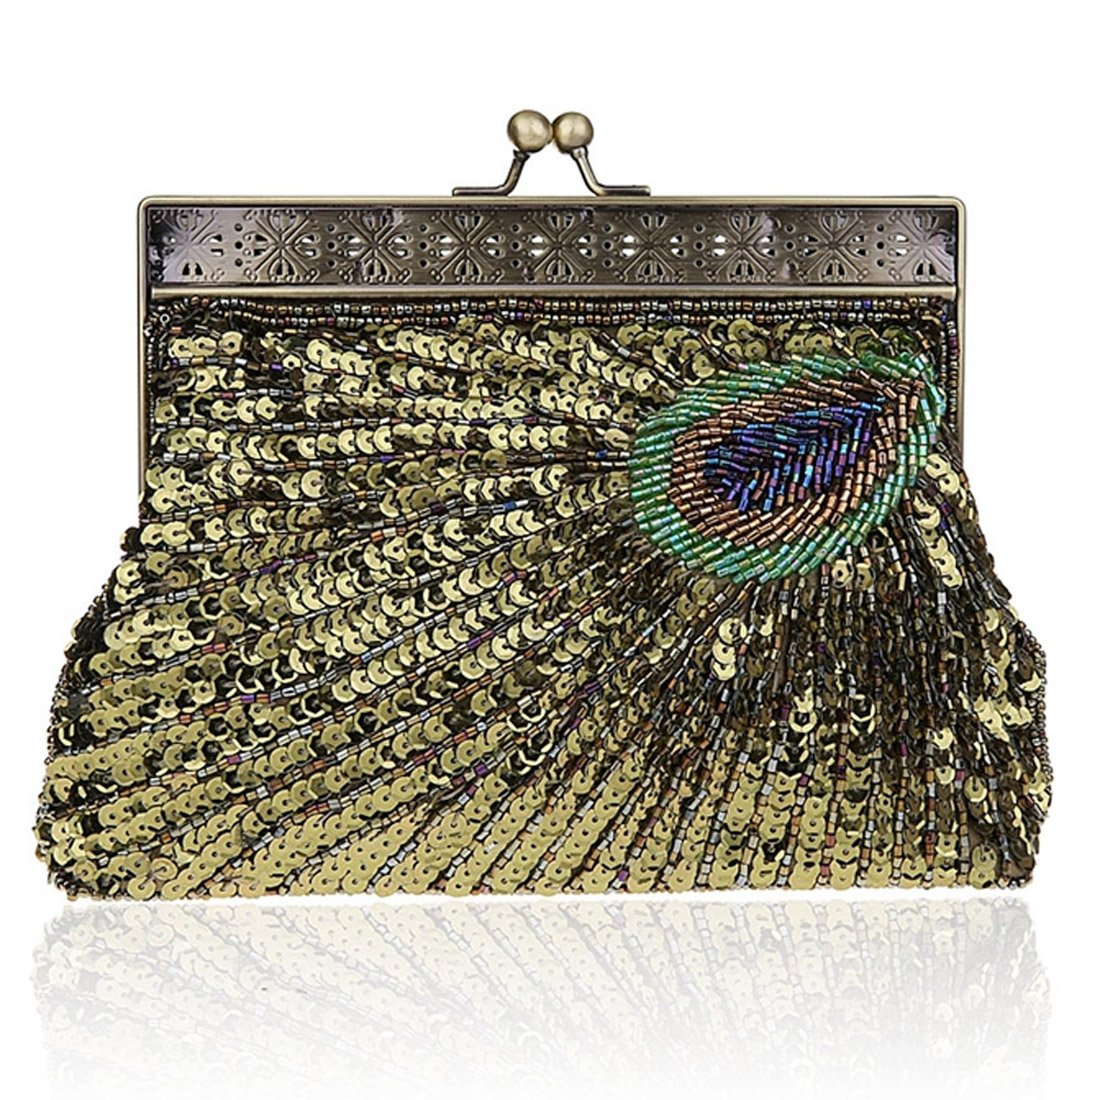 SSMK Evening Bag, Damen Clutch evening clutch